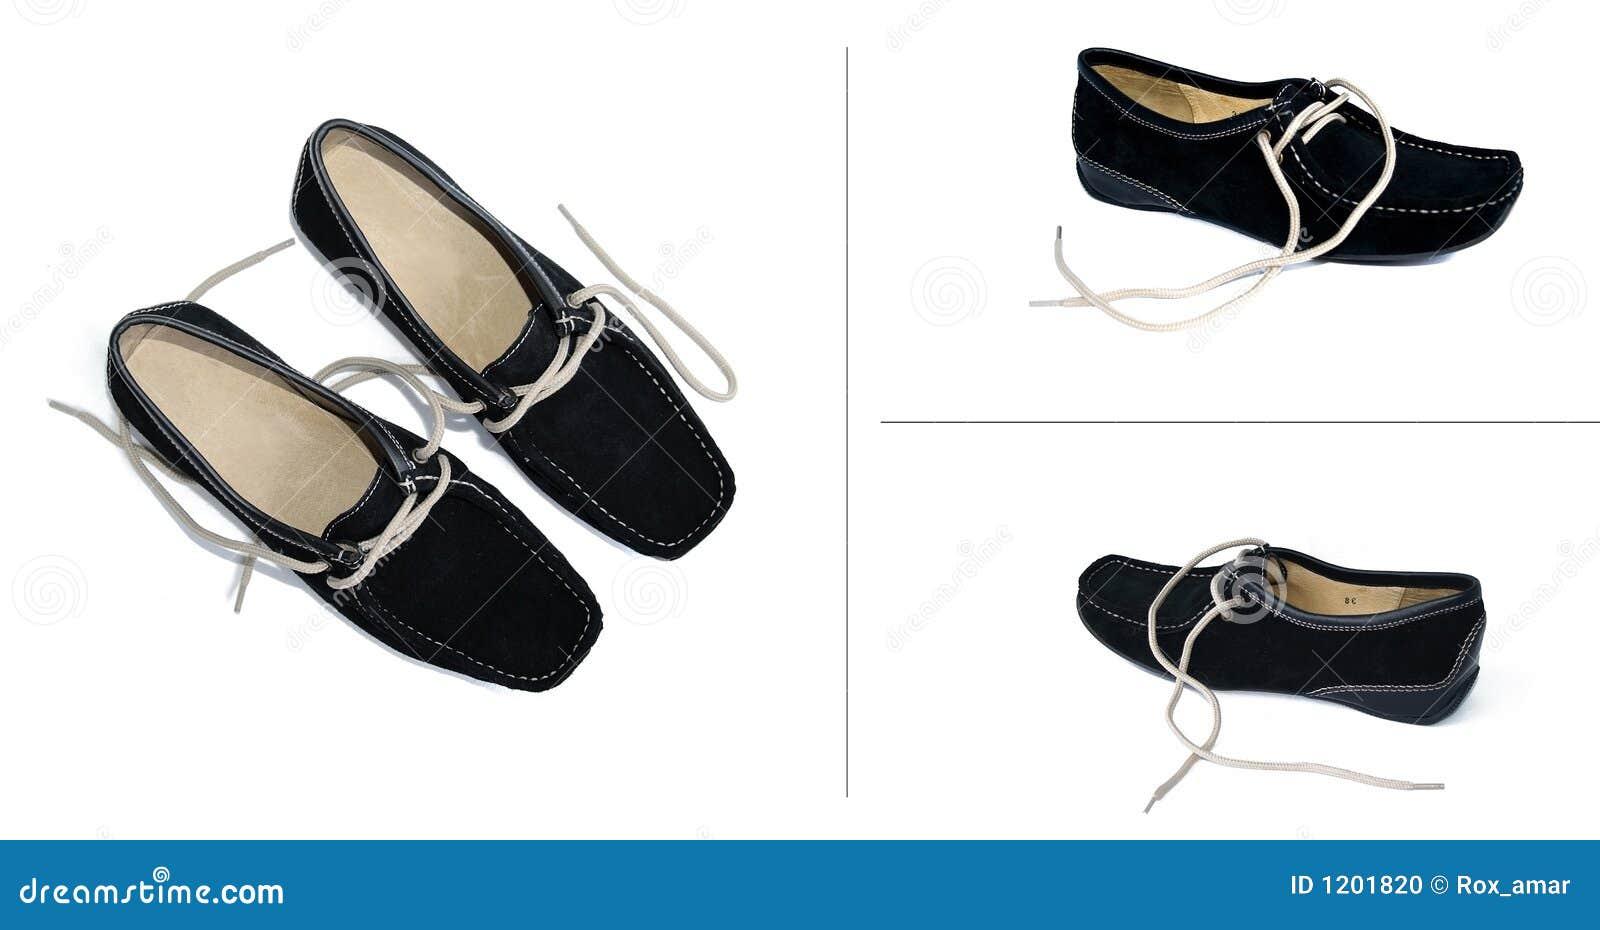 Four black shoes